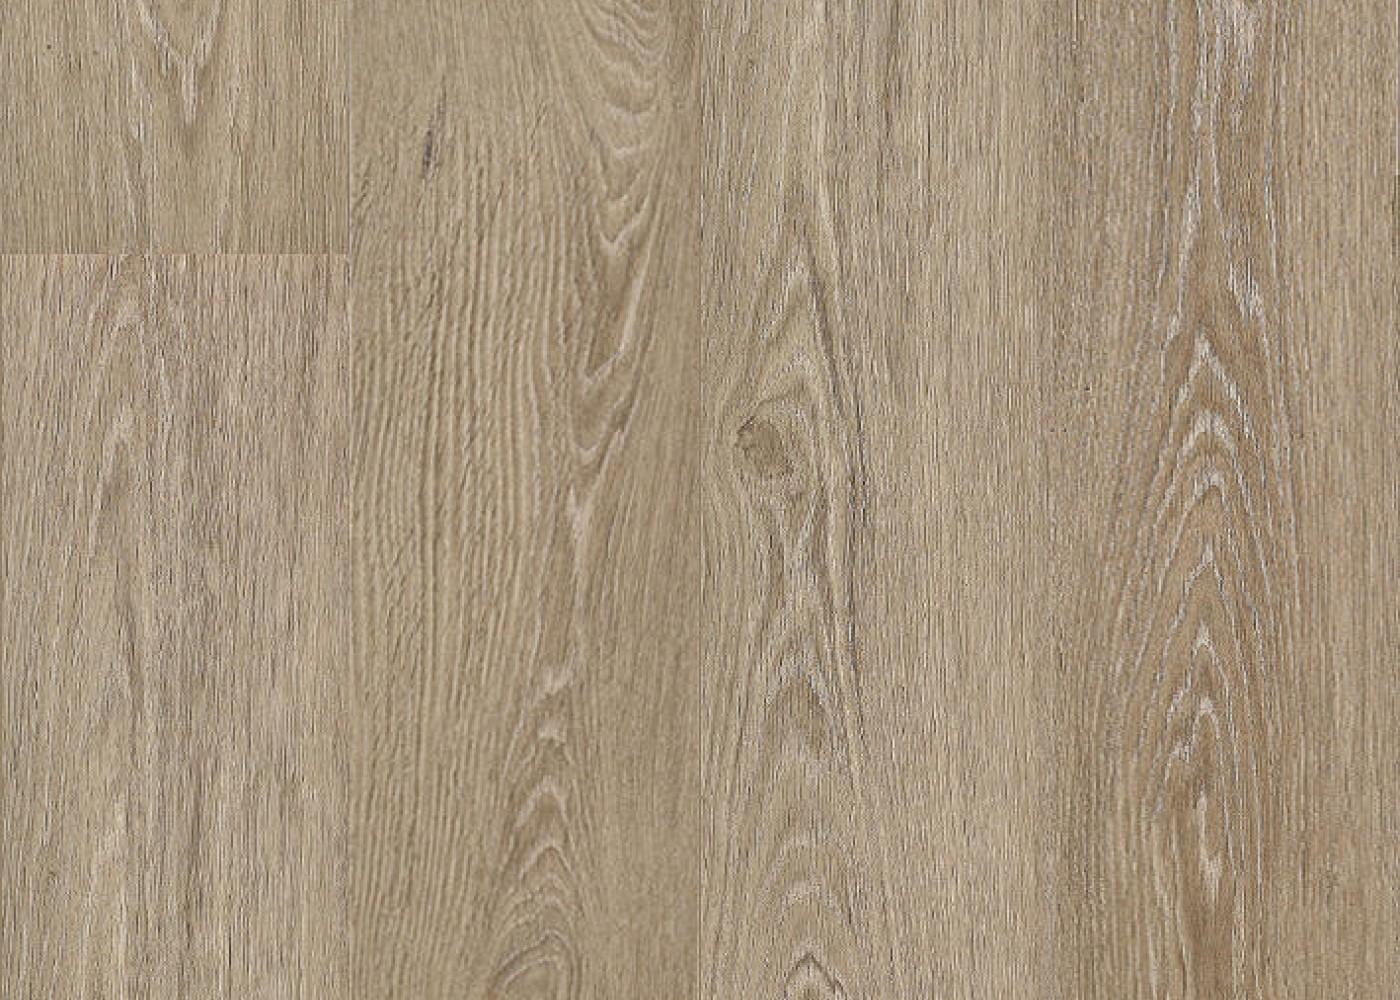 Vinyle rigide Chêne Laine passage commercial 4.5x225x1524